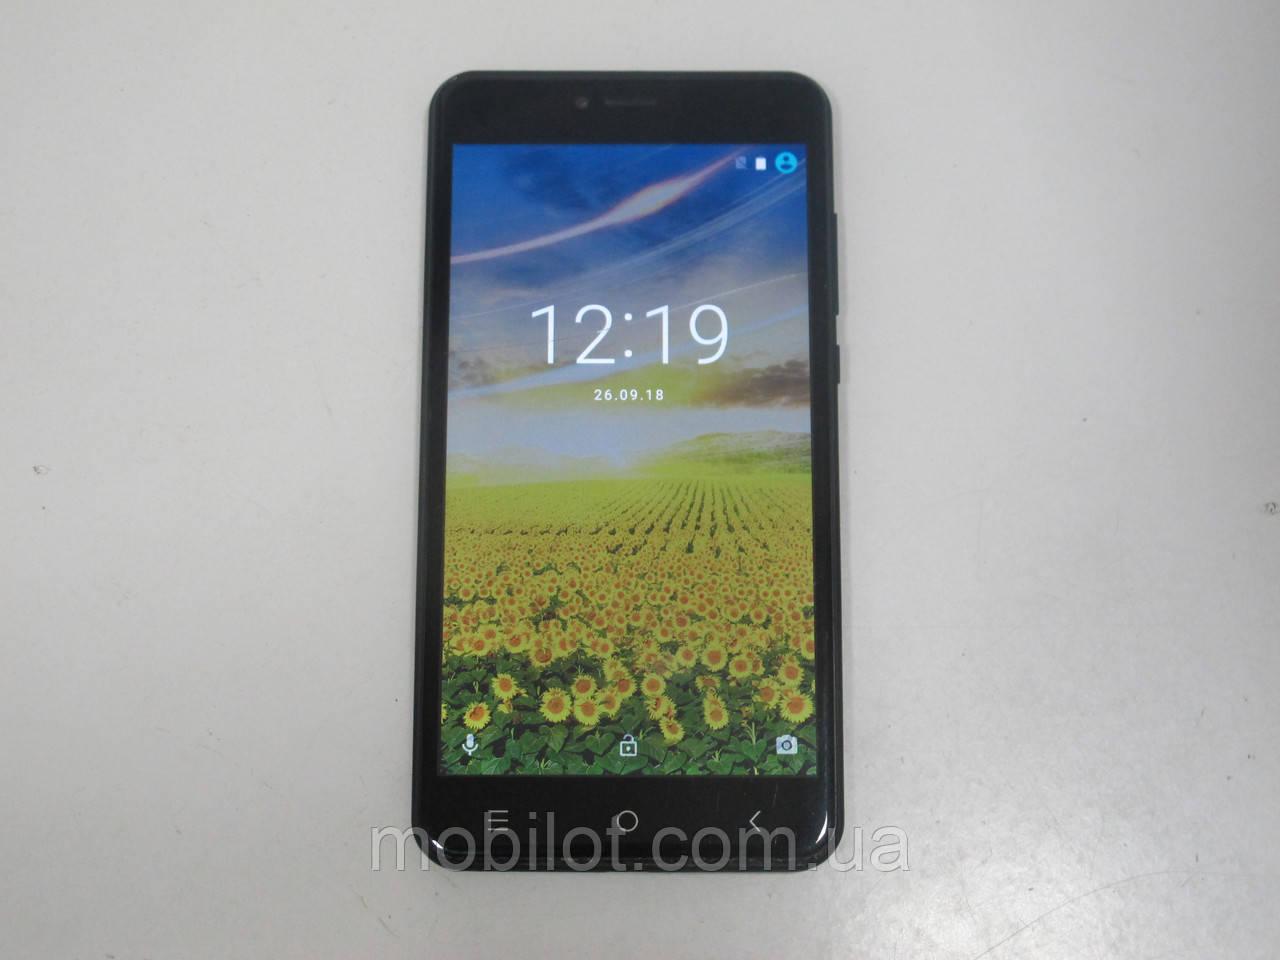 Мобильный телефон Impression ImSmart A554 (TZ-7319)